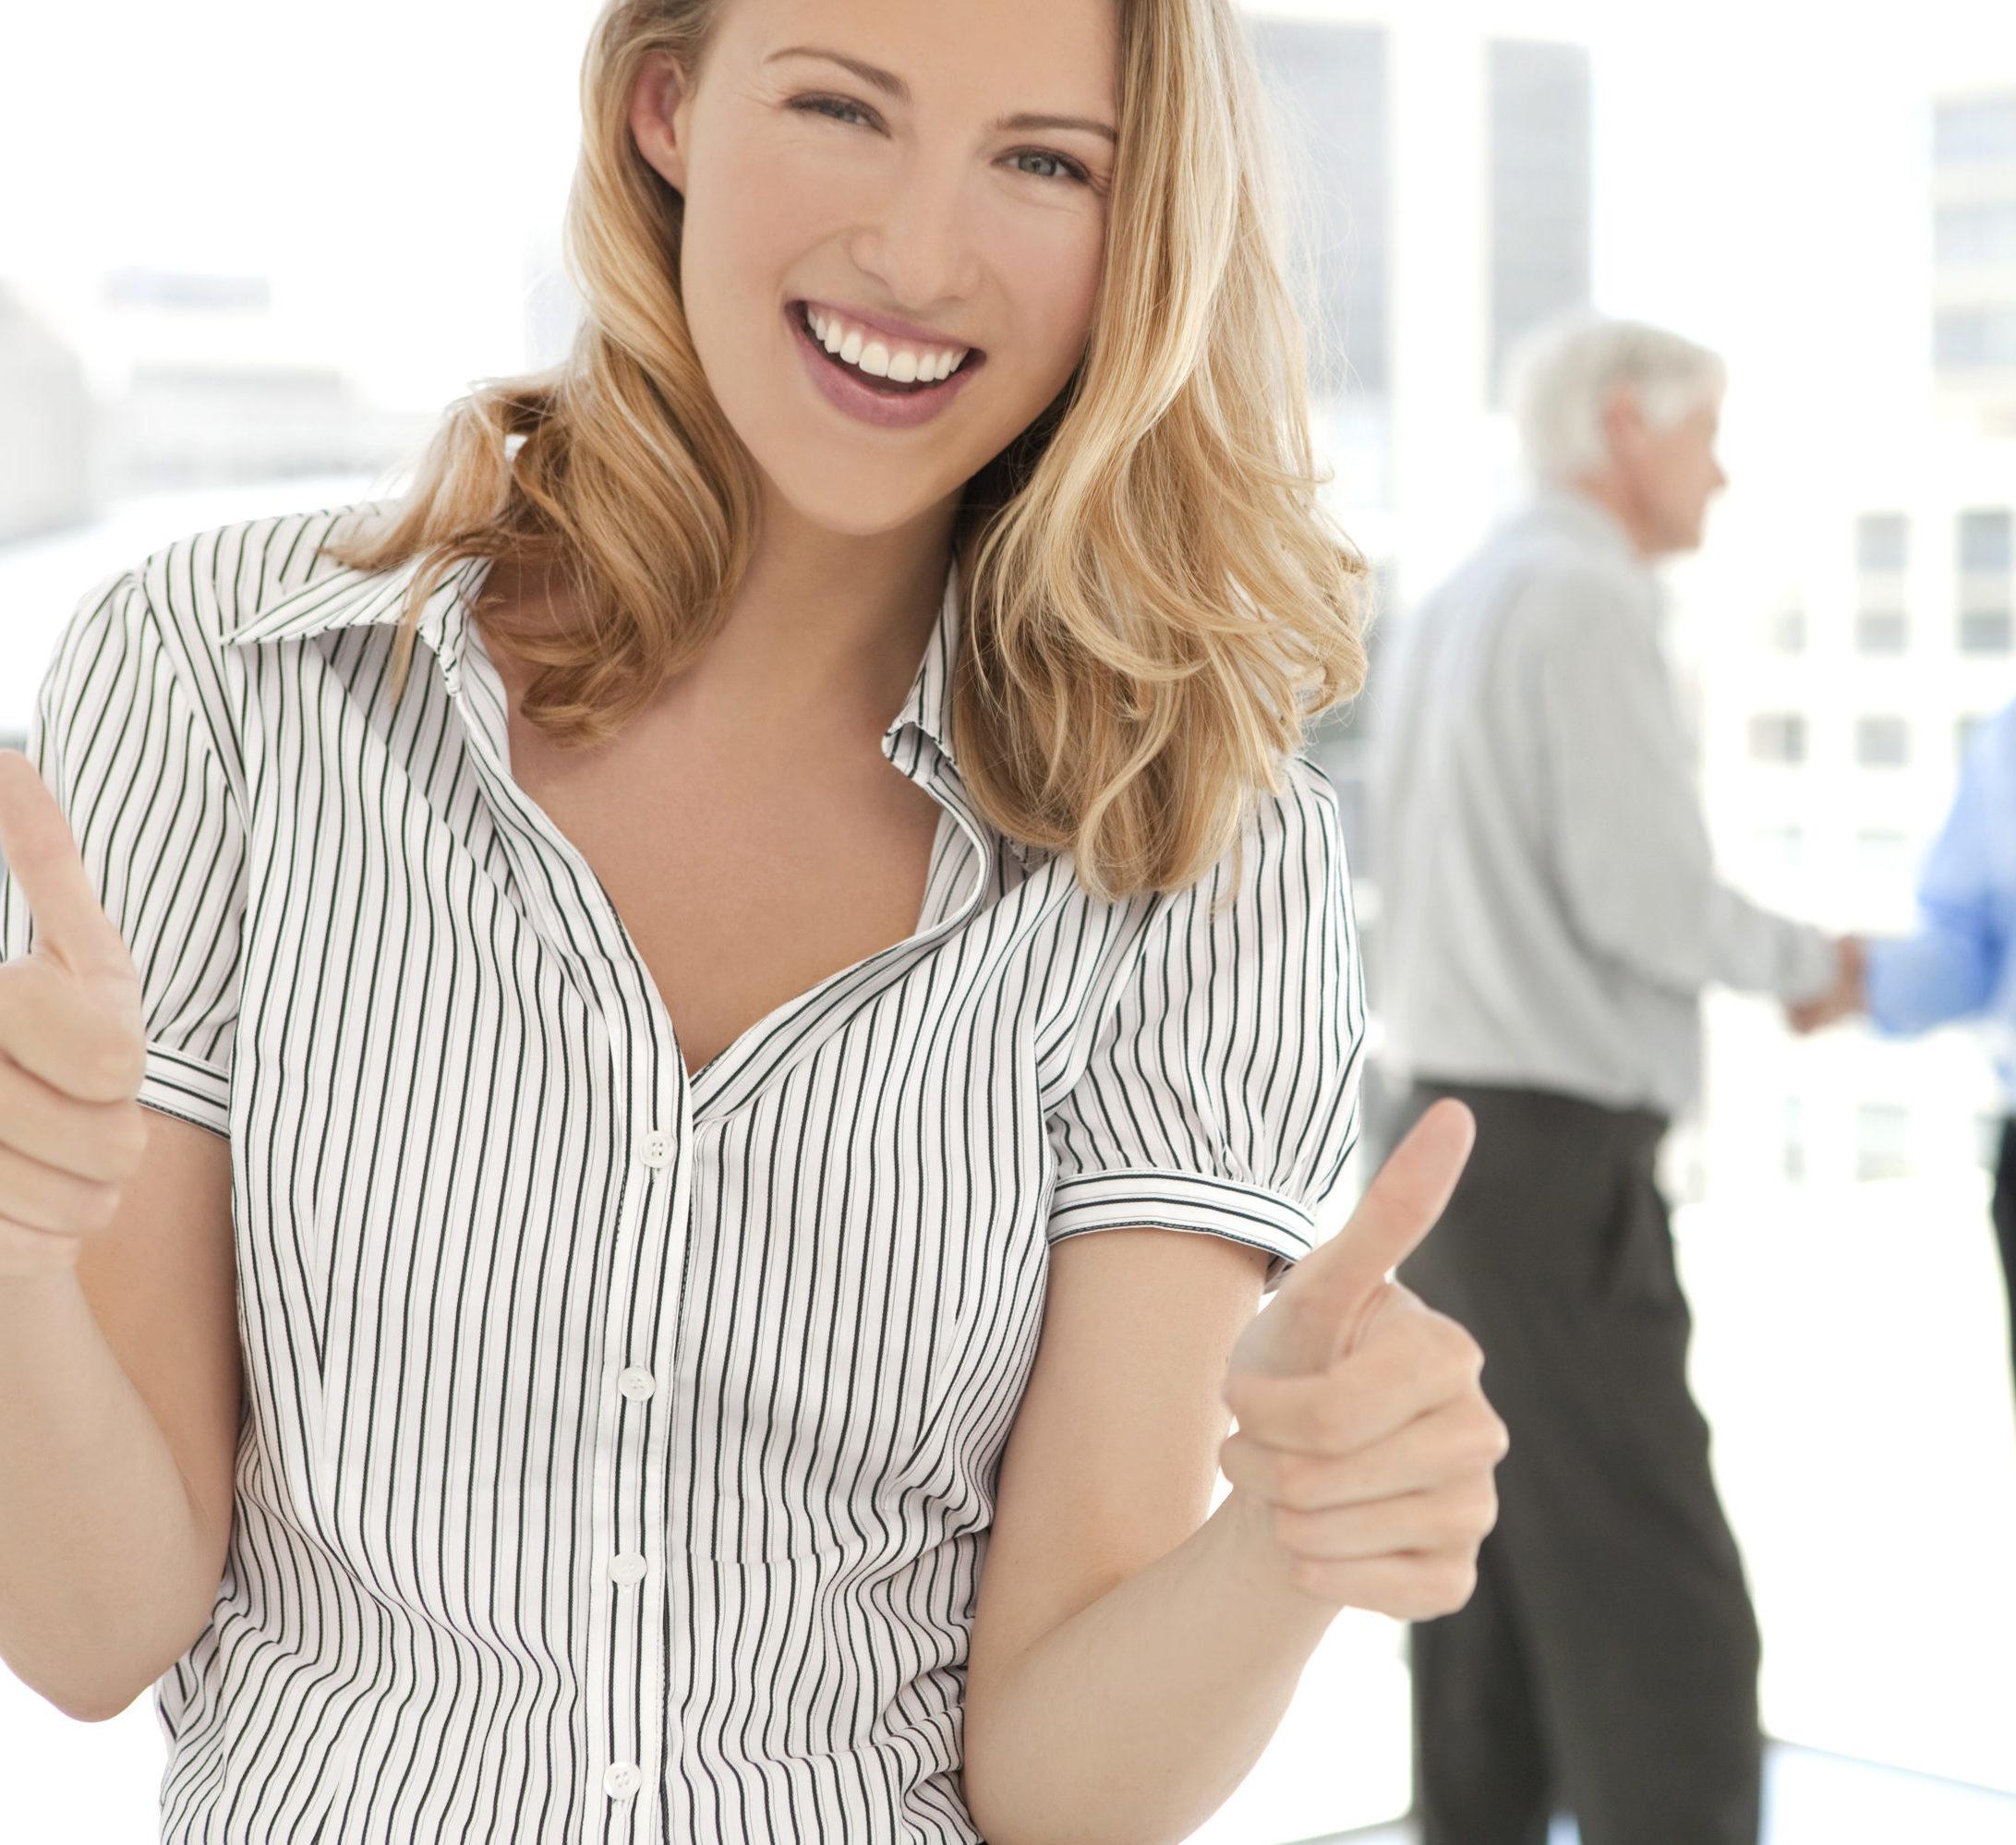 Insight24 kernwaarden: mensen, vertrouwen, samenwerken, pragmatisch, business